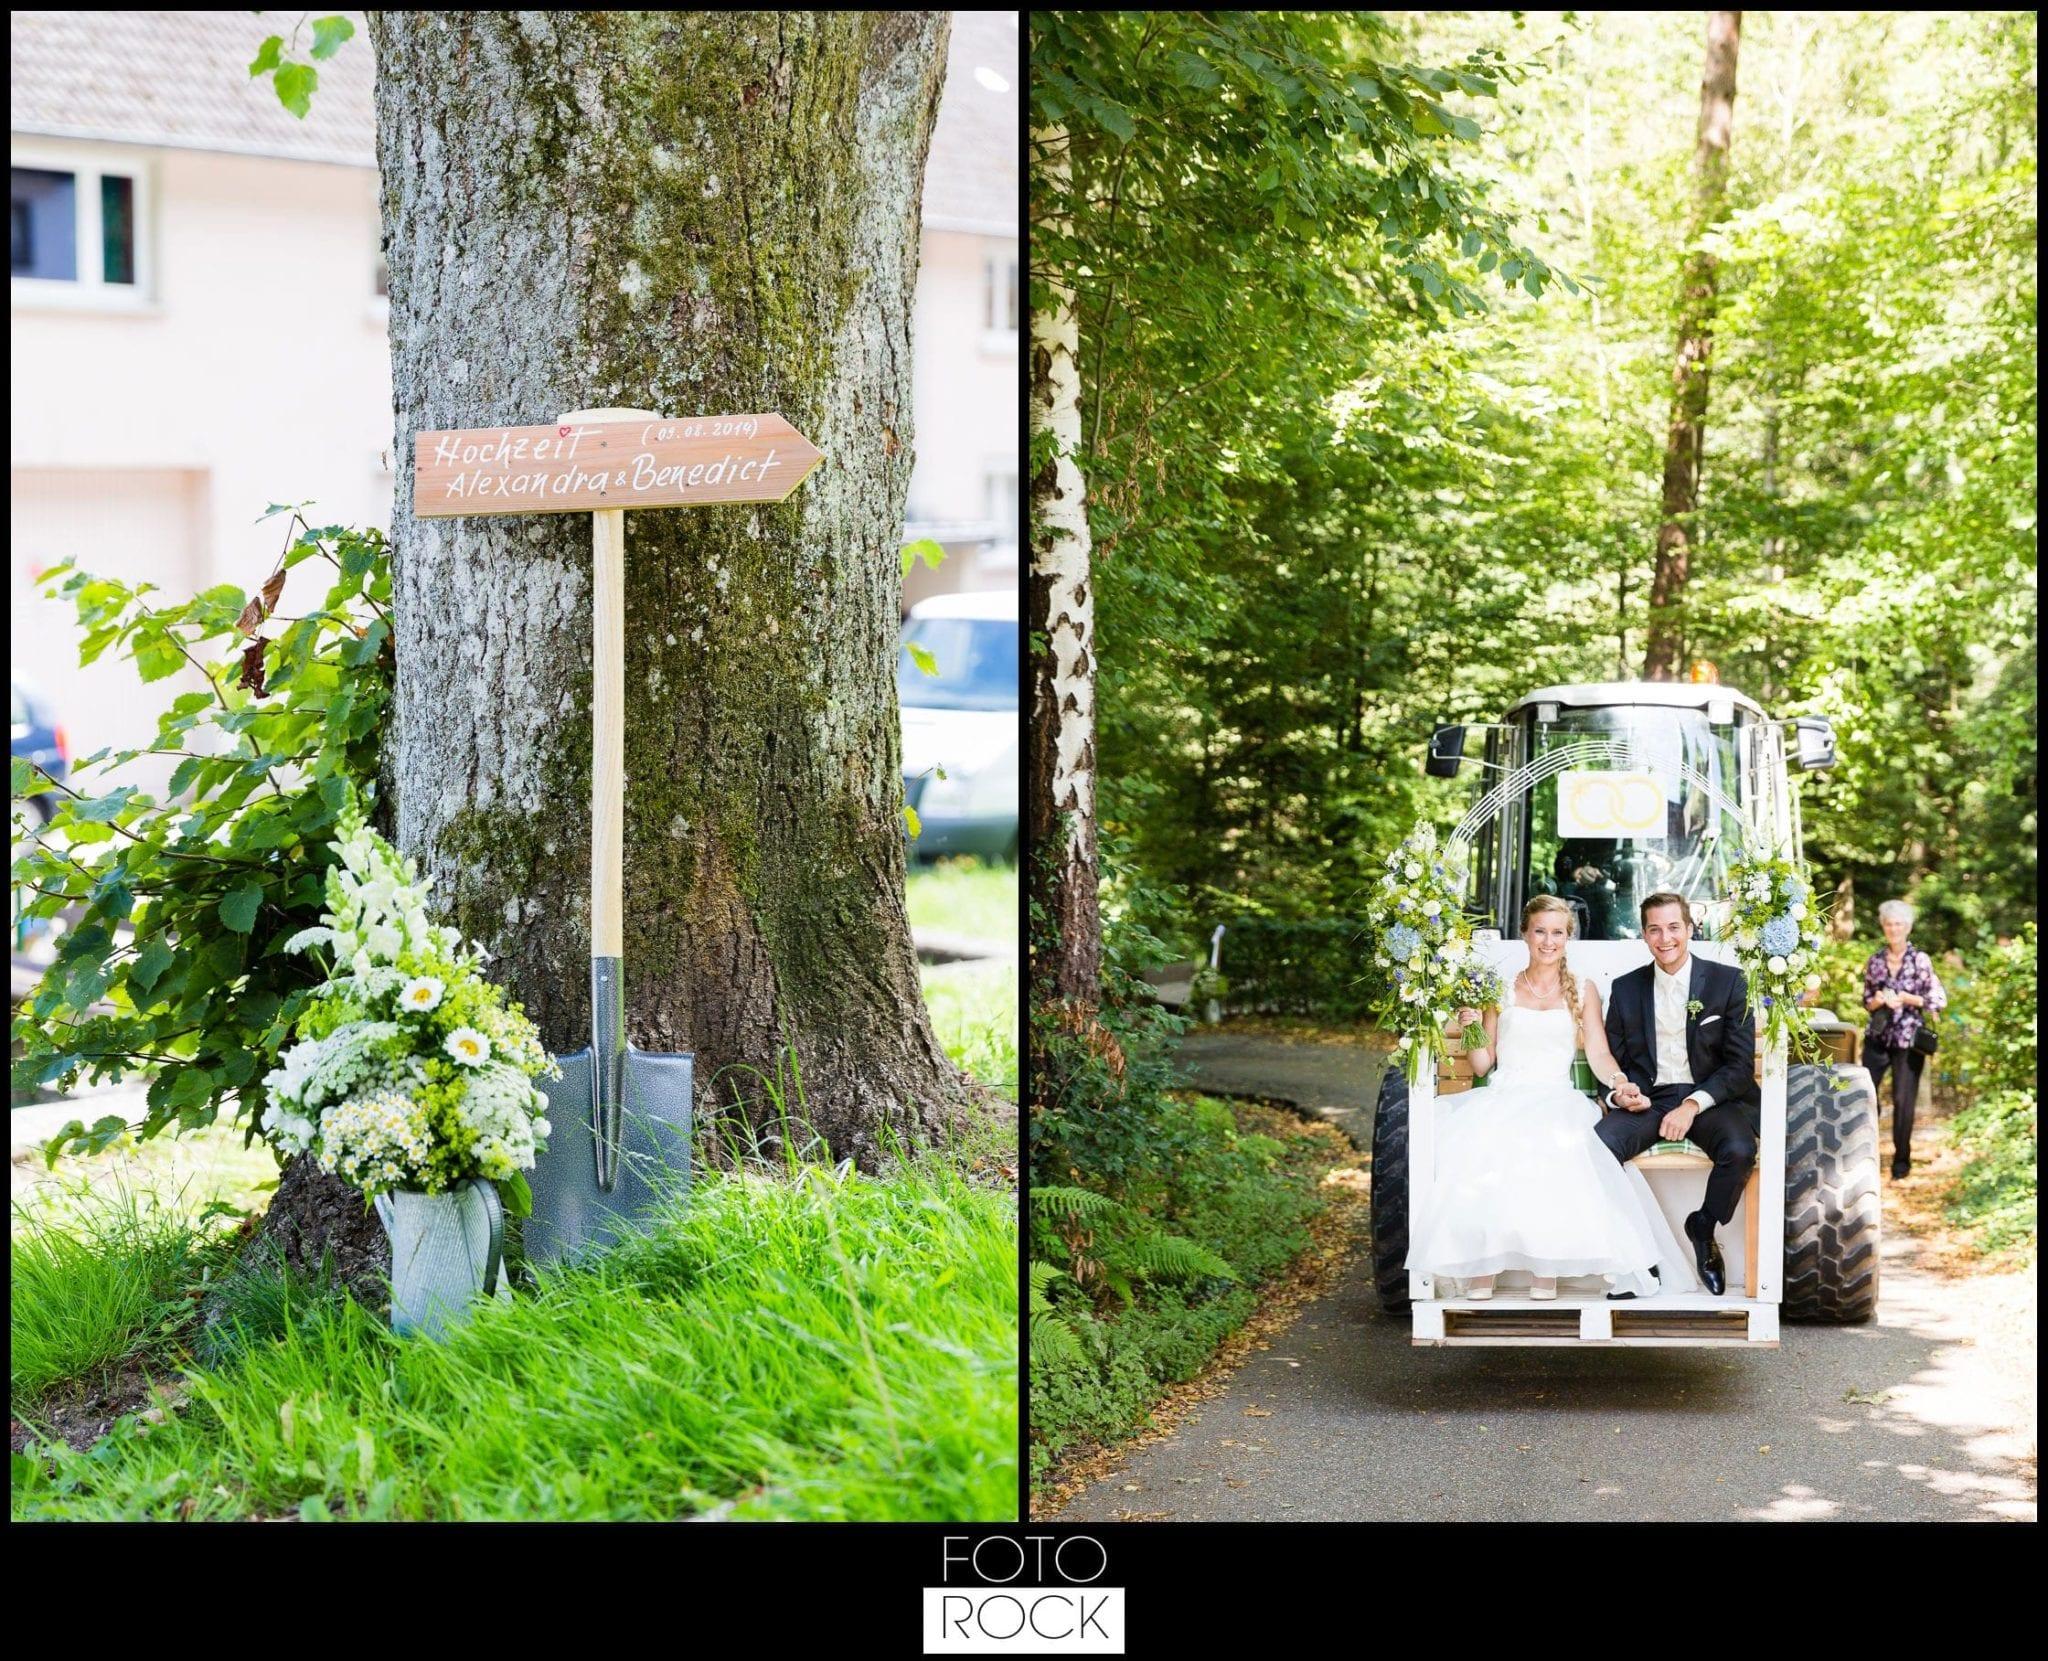 Hochzeit Elzach wegweiser wald brautpaar radlader